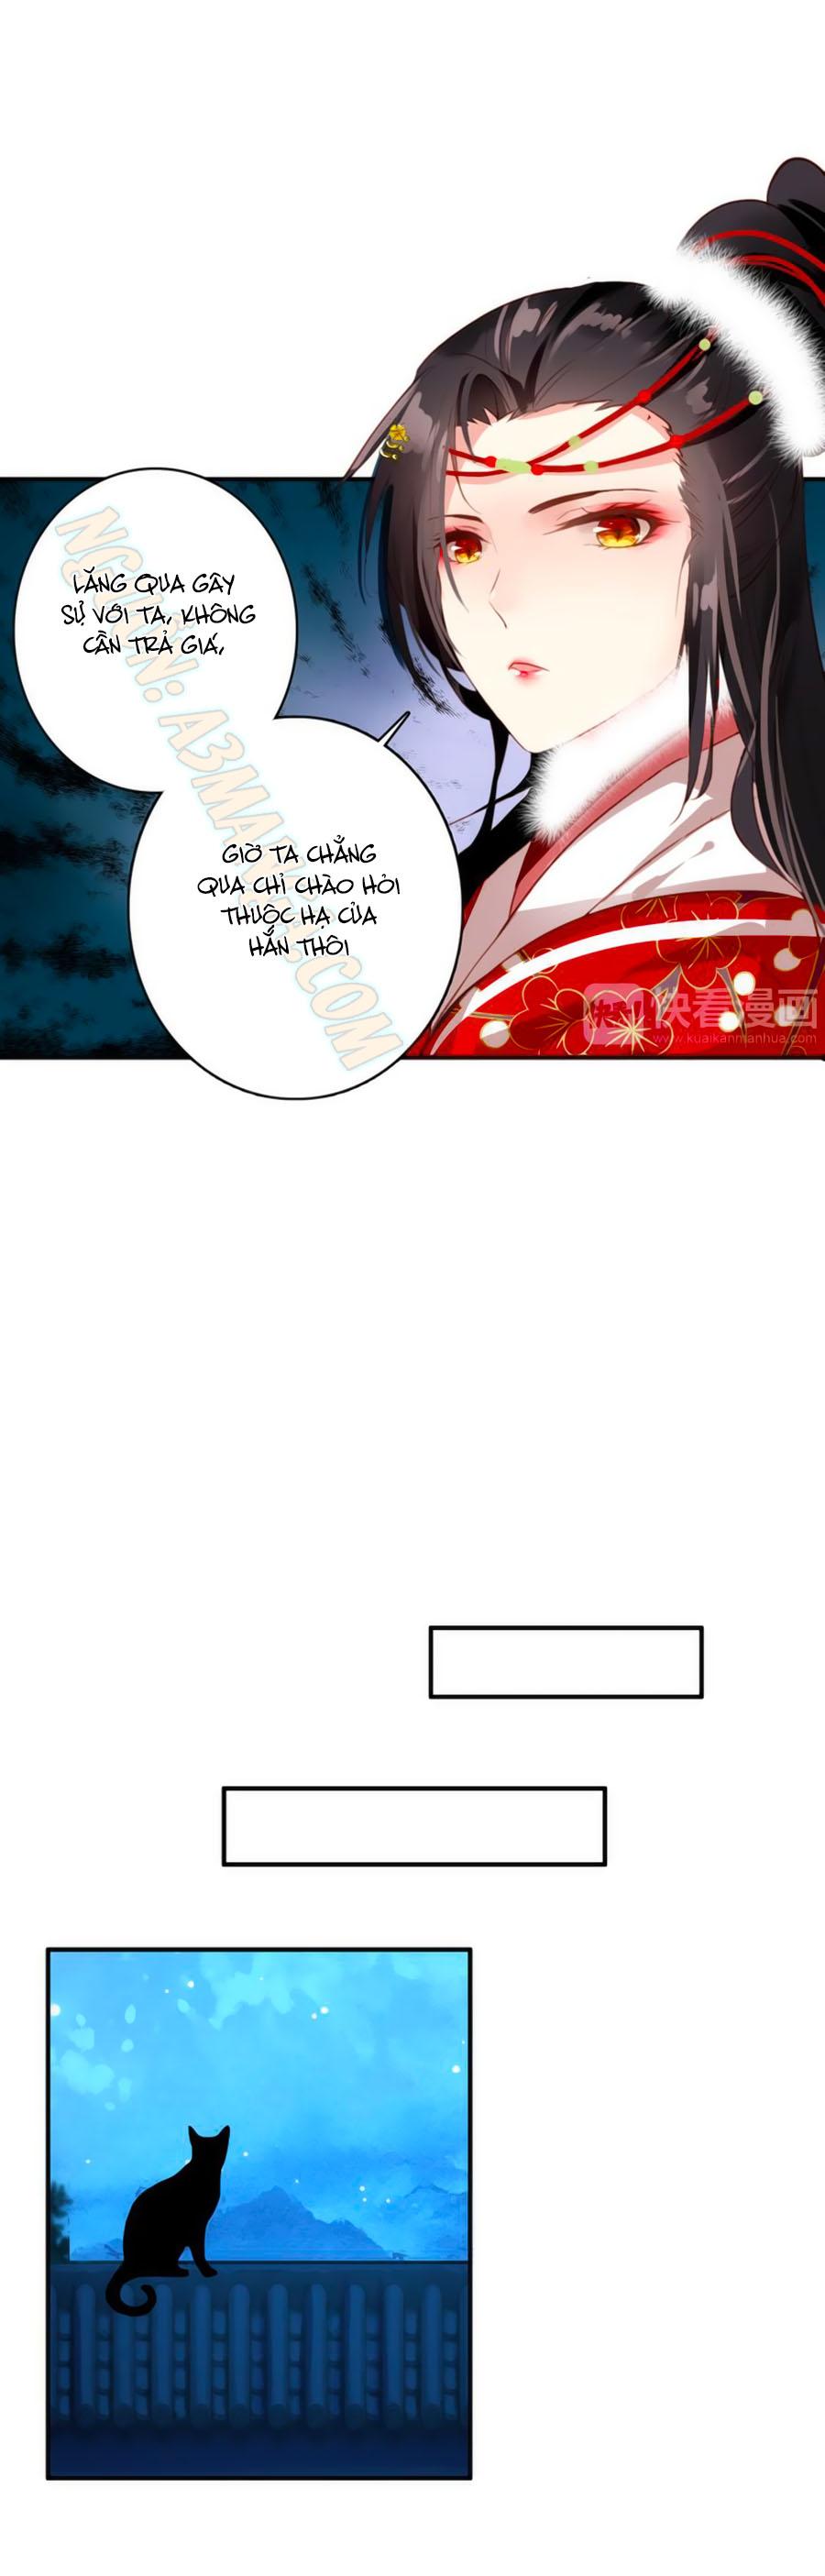 Mỹ Nhân Làm Tướng Chap 36